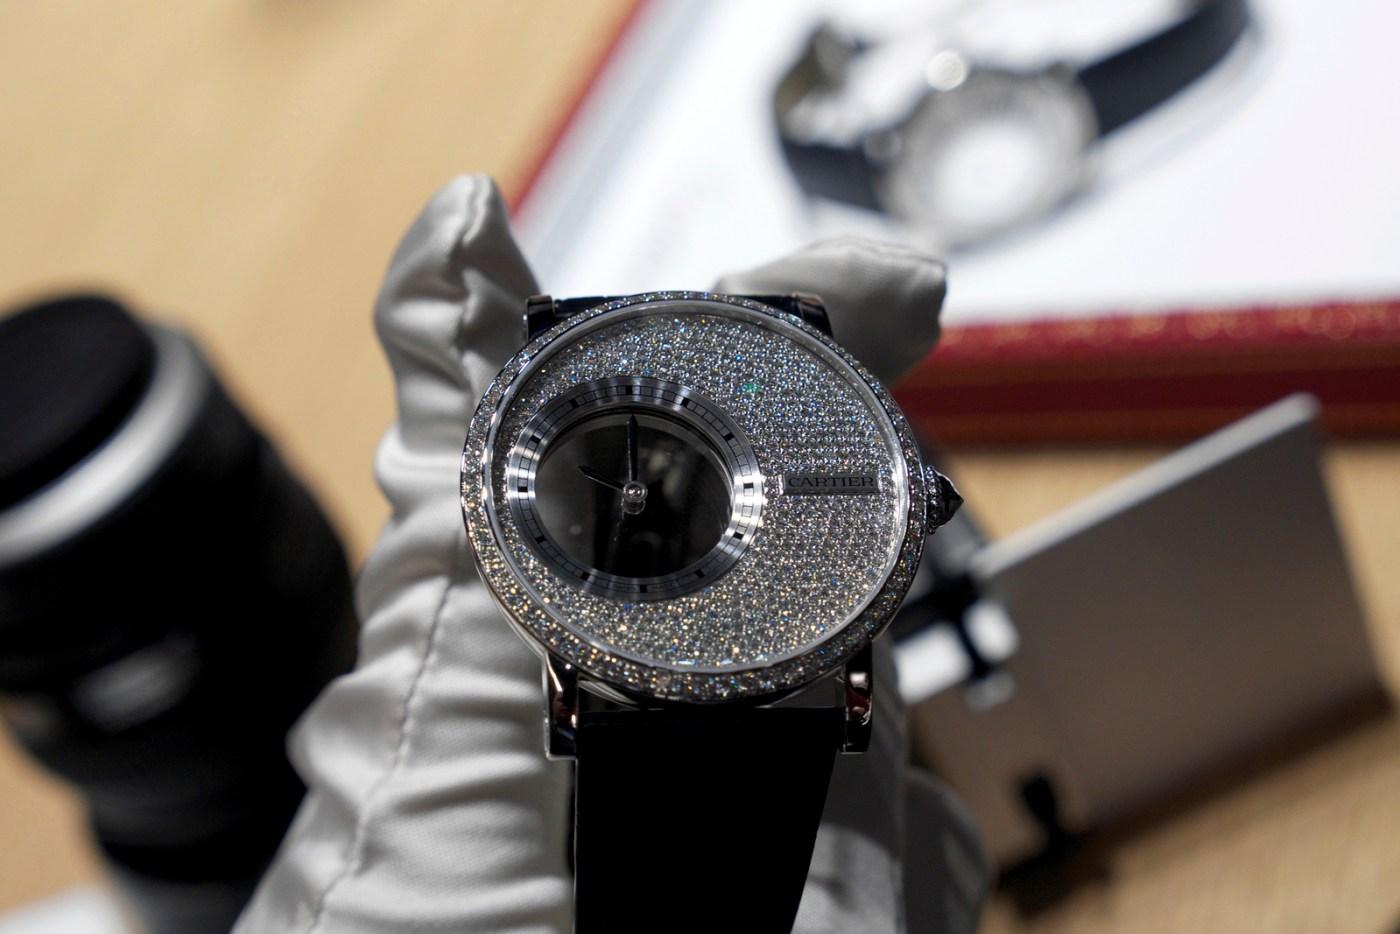 Diamond-set Cartier Mysterious watch